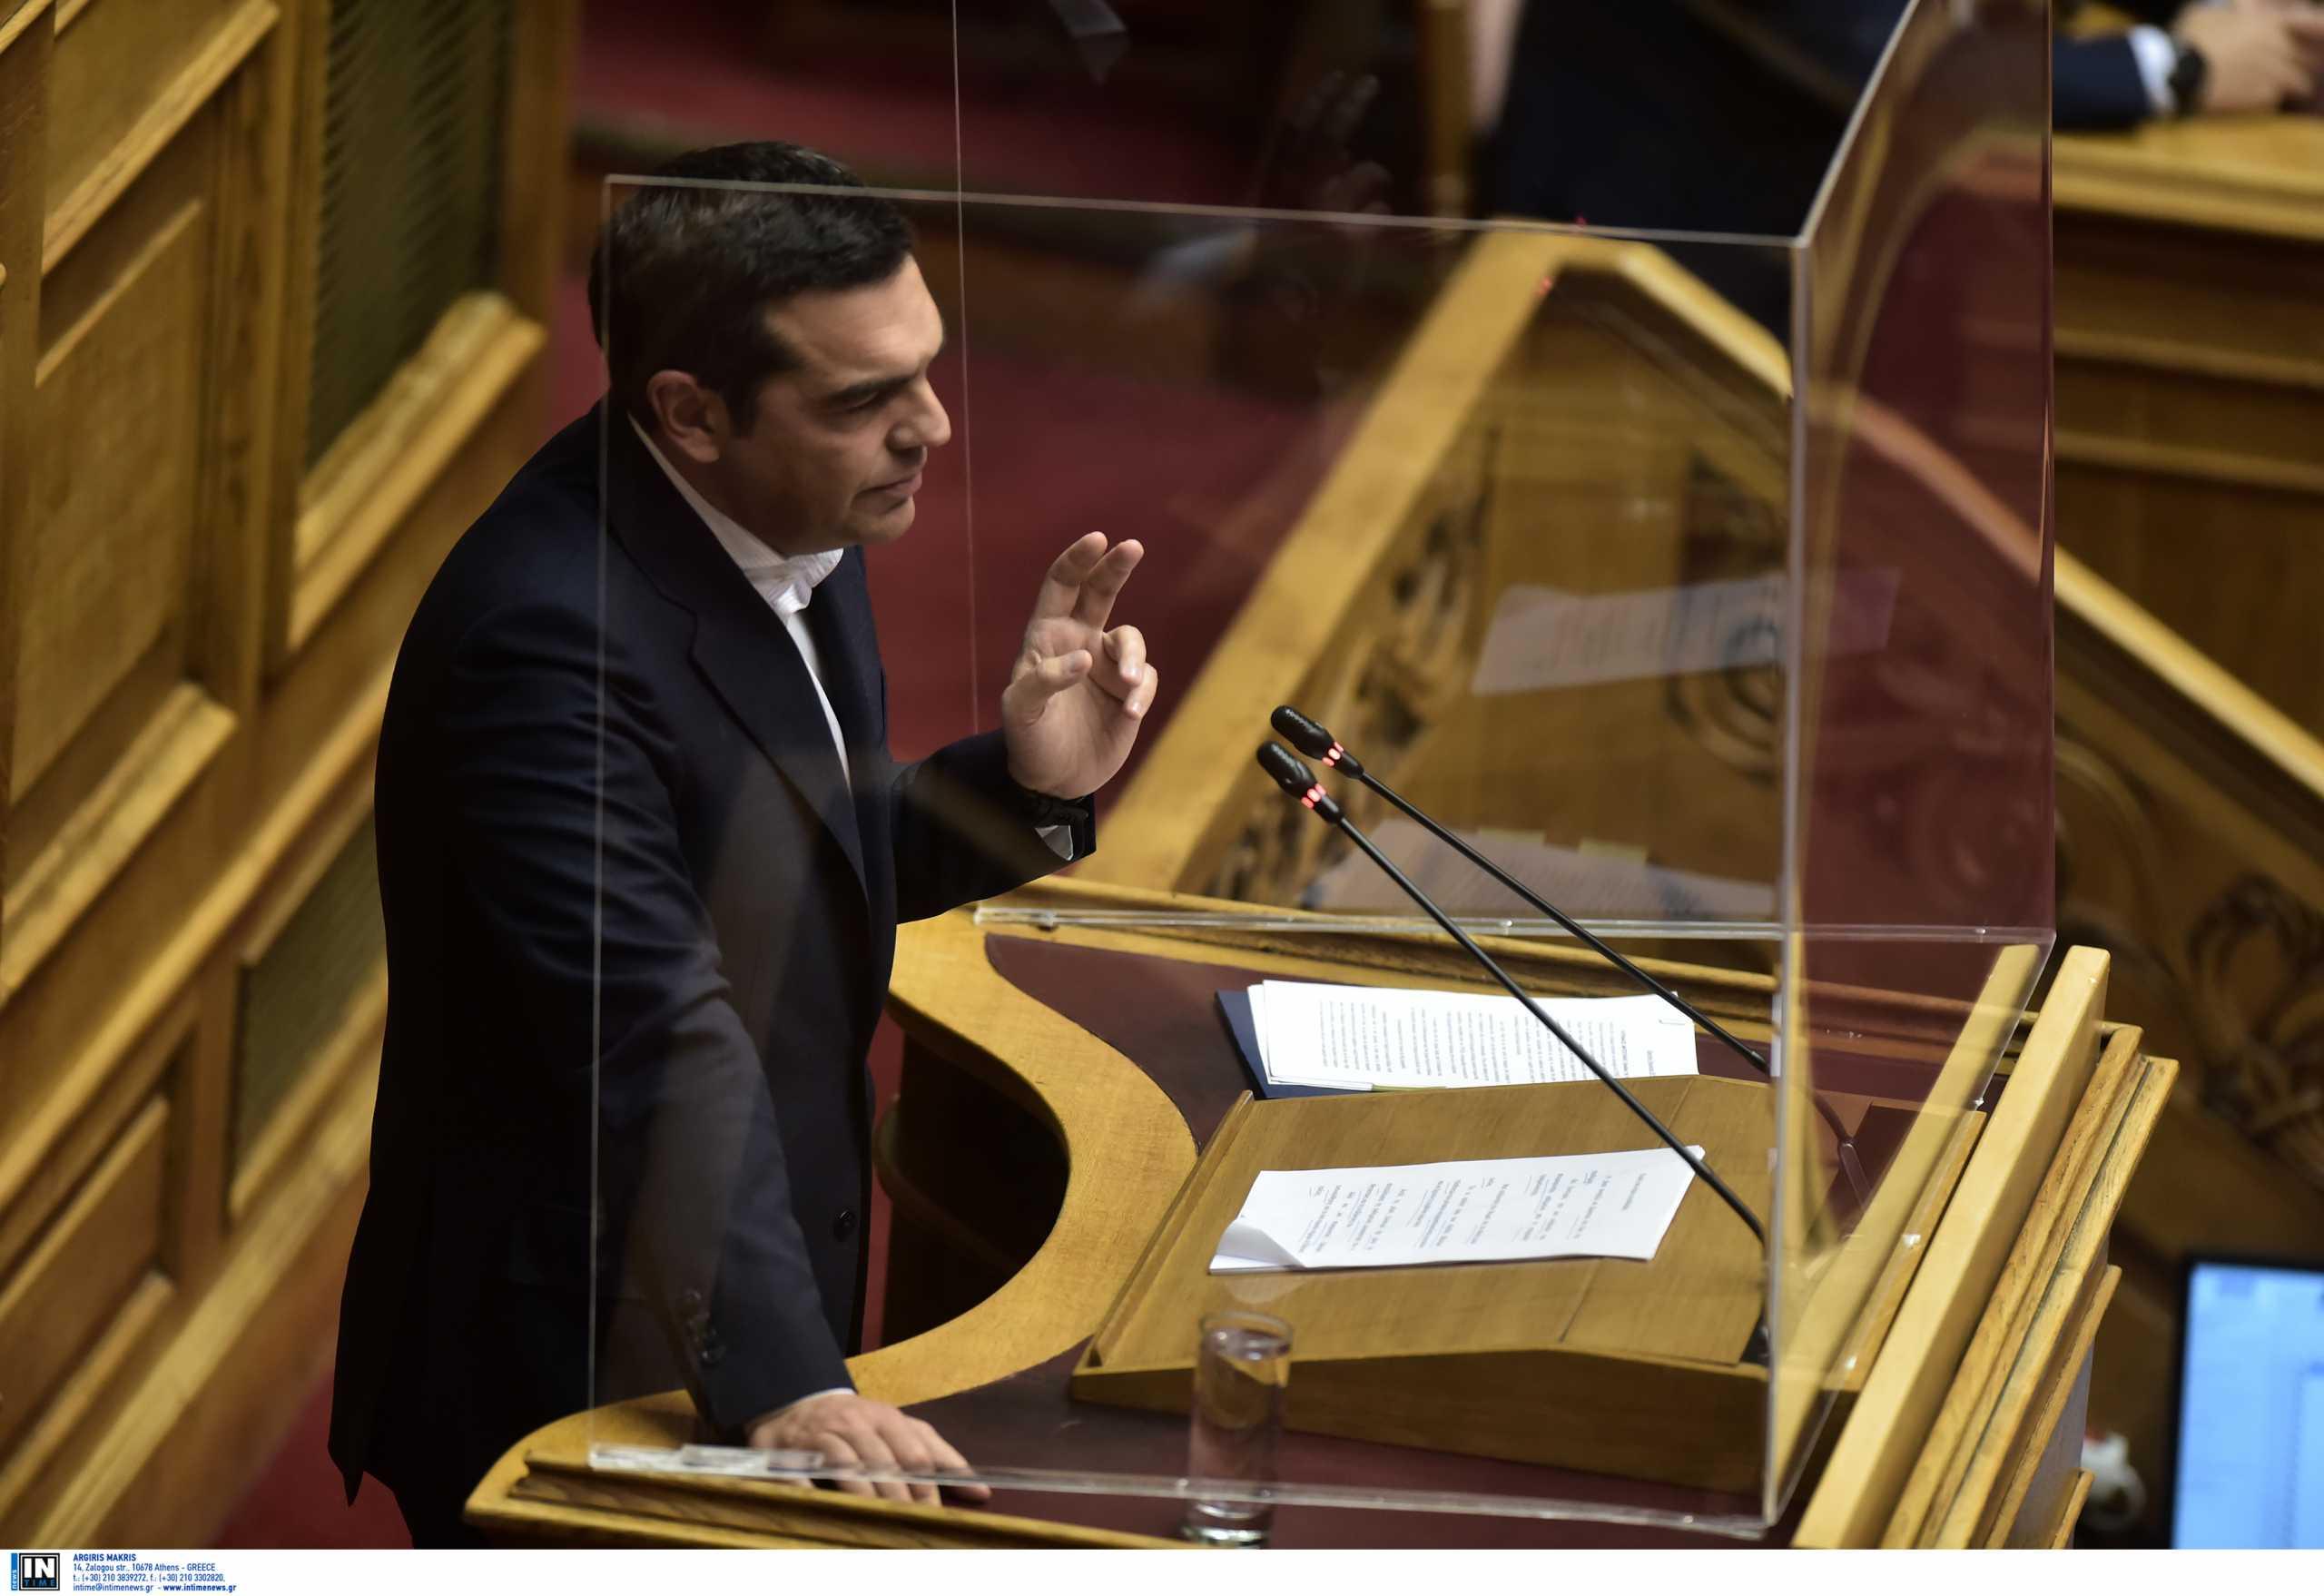 Βουλή Live: Οι ομιλίες των πολιτικών αρχηγών για τον προϋπολογισμό